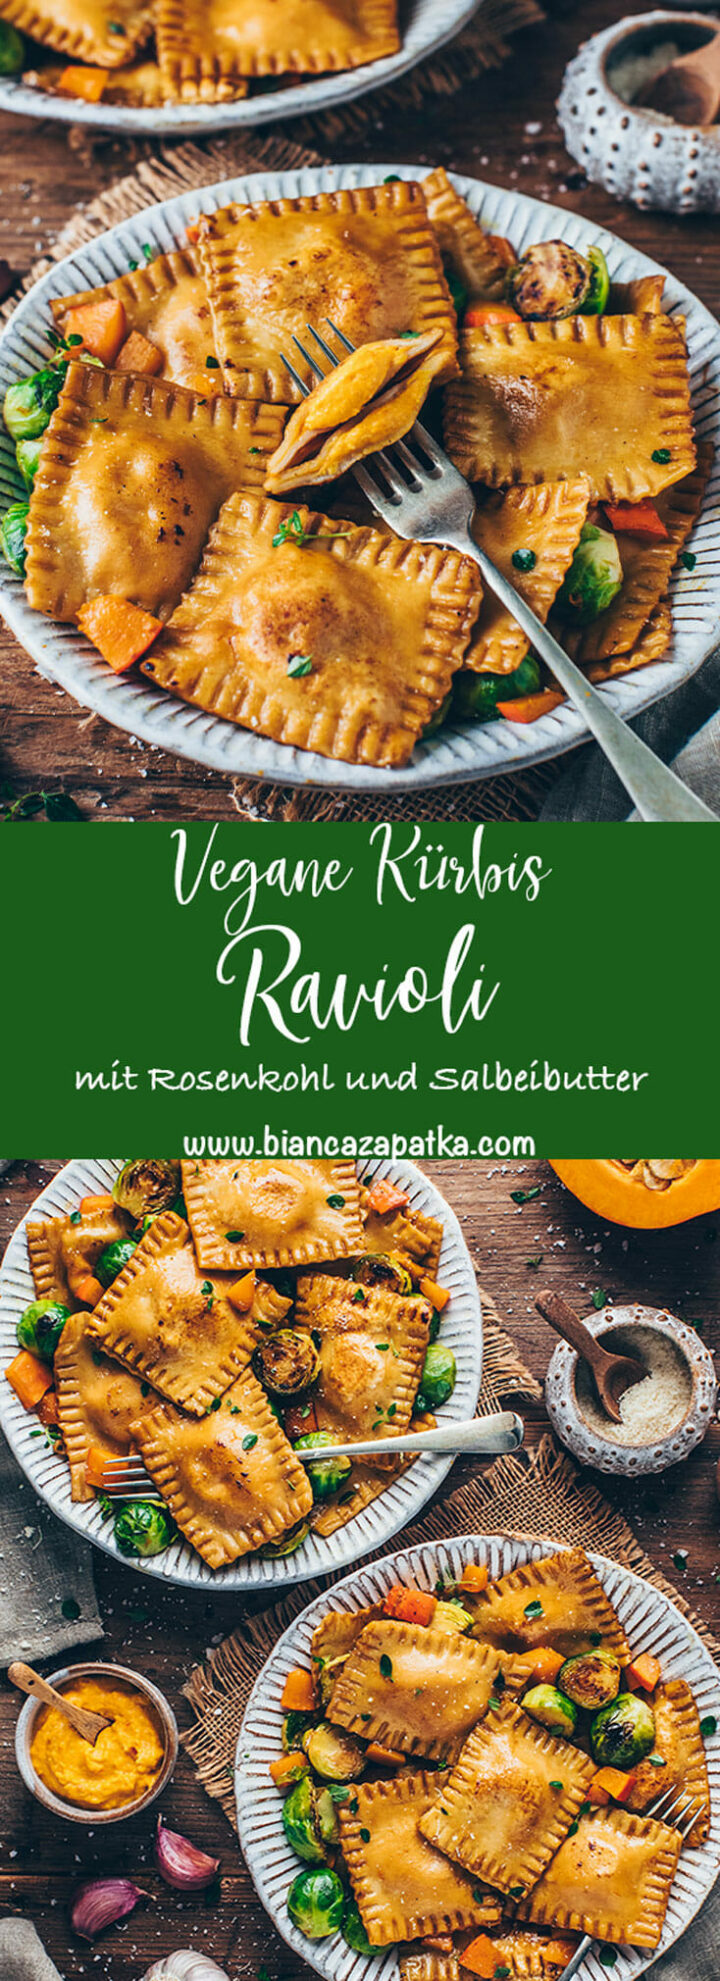 Ravioli mit Kürbis-Ricotta, Salbei Butter und Rosenkohl